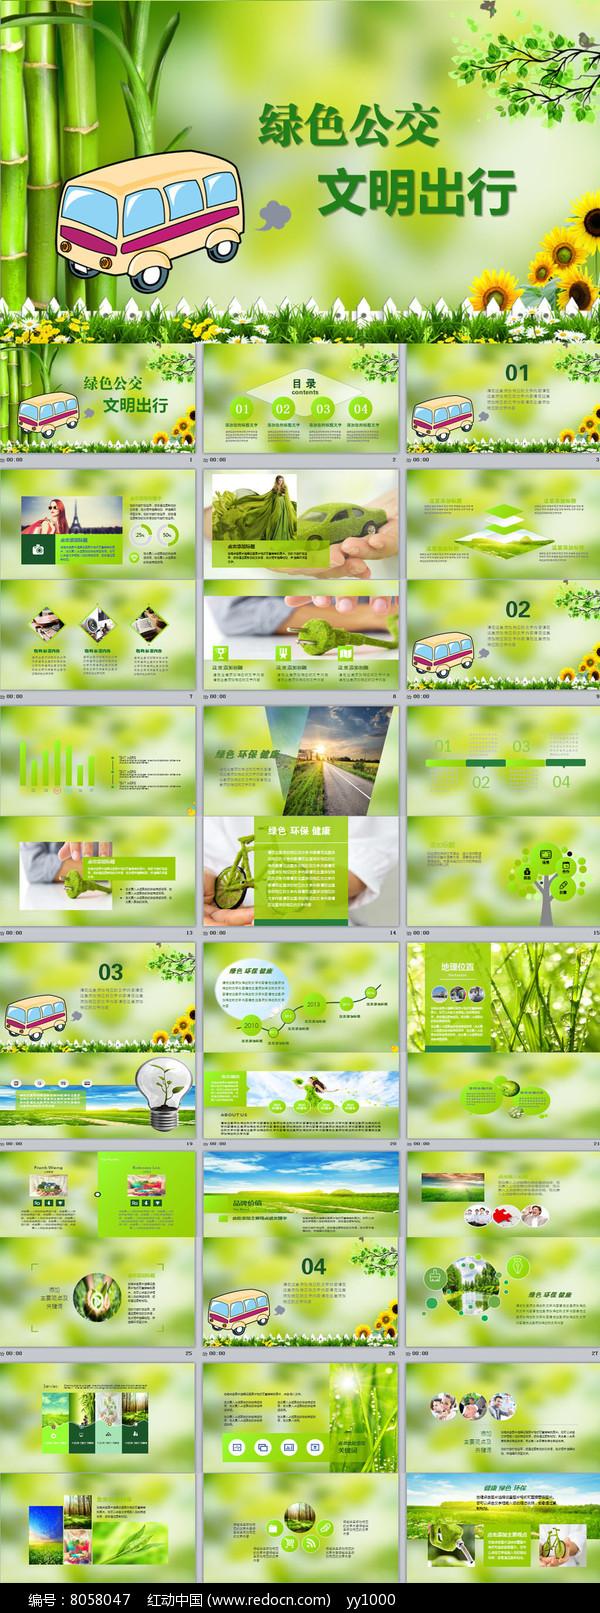 绿色公交文明出行工作汇报ppt模板图片